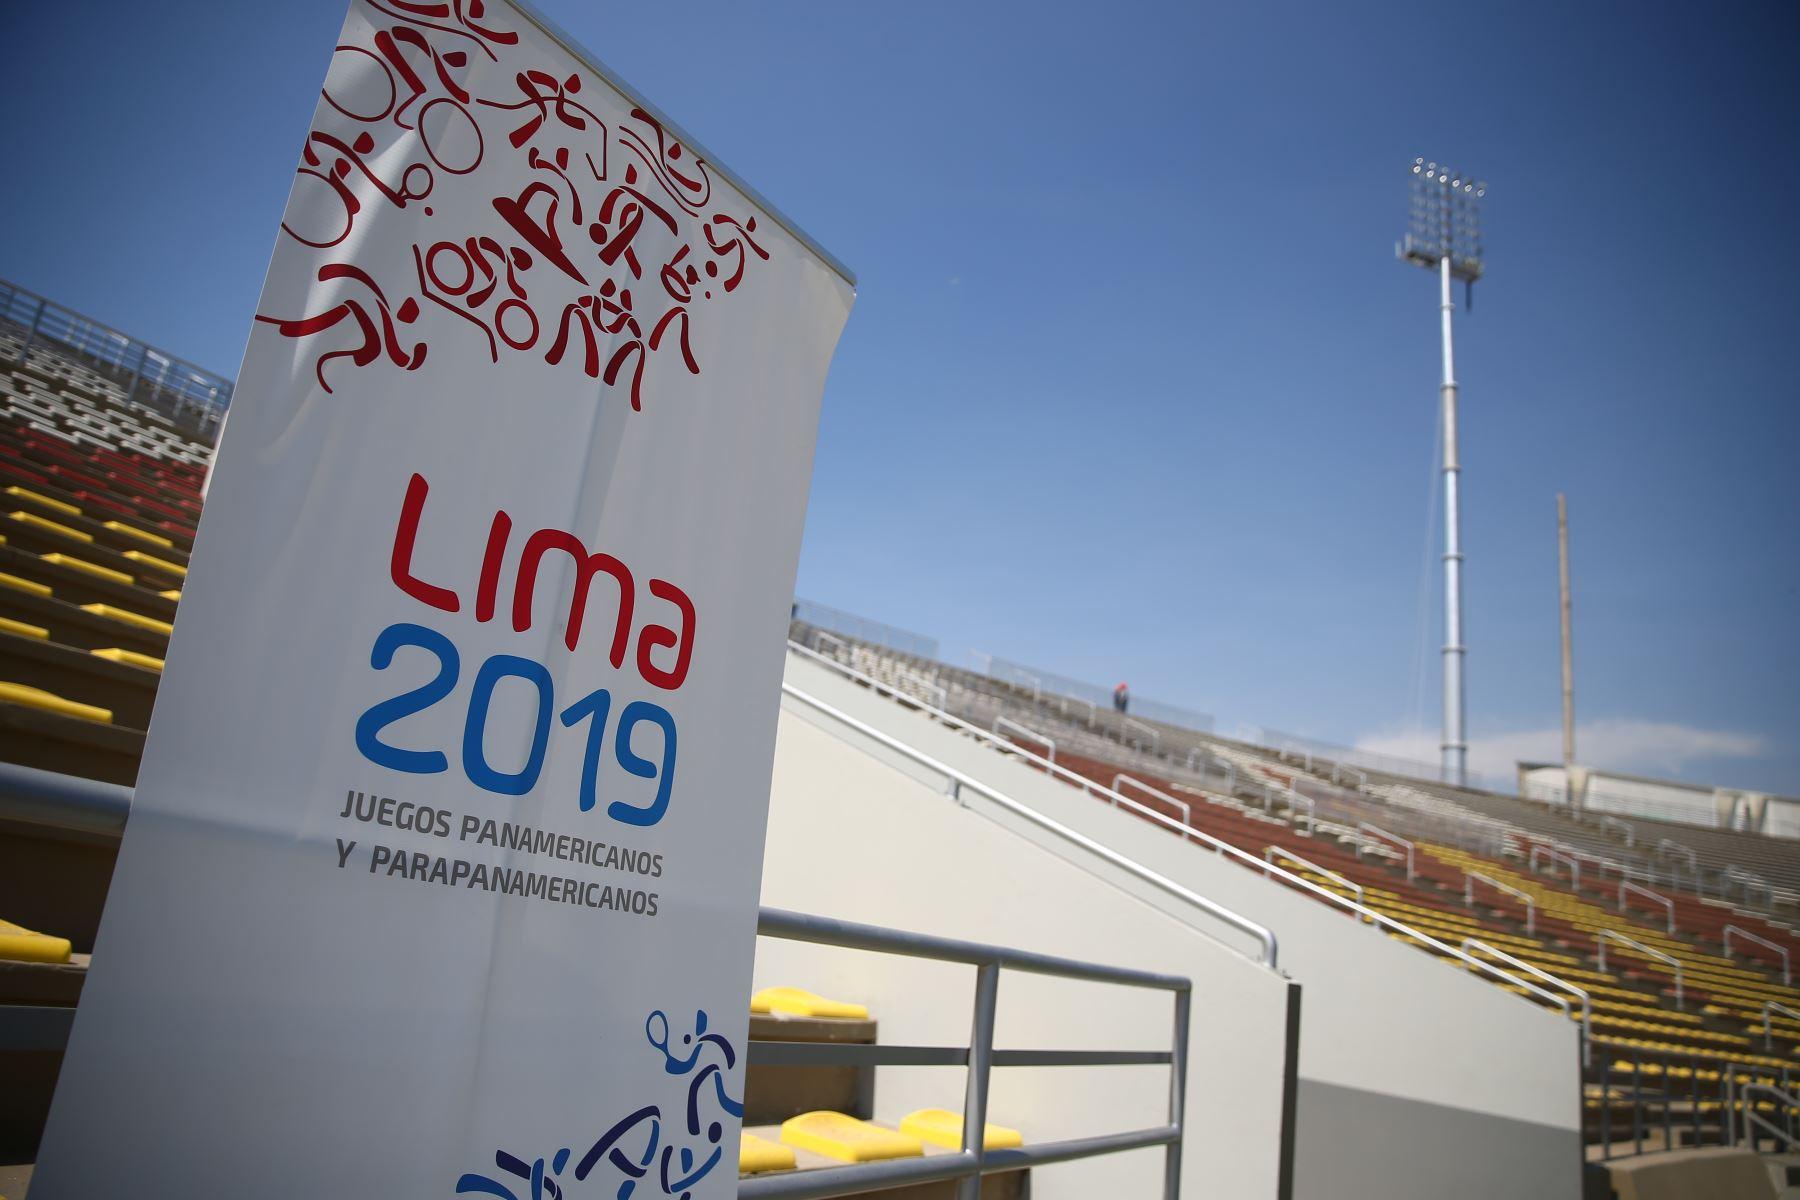 Lima 2019 entrega el remodelado Estadio de San Marcos a la Federación Peruana de Fútbol. Foto: ANDINA/ Luis Iparraguirre